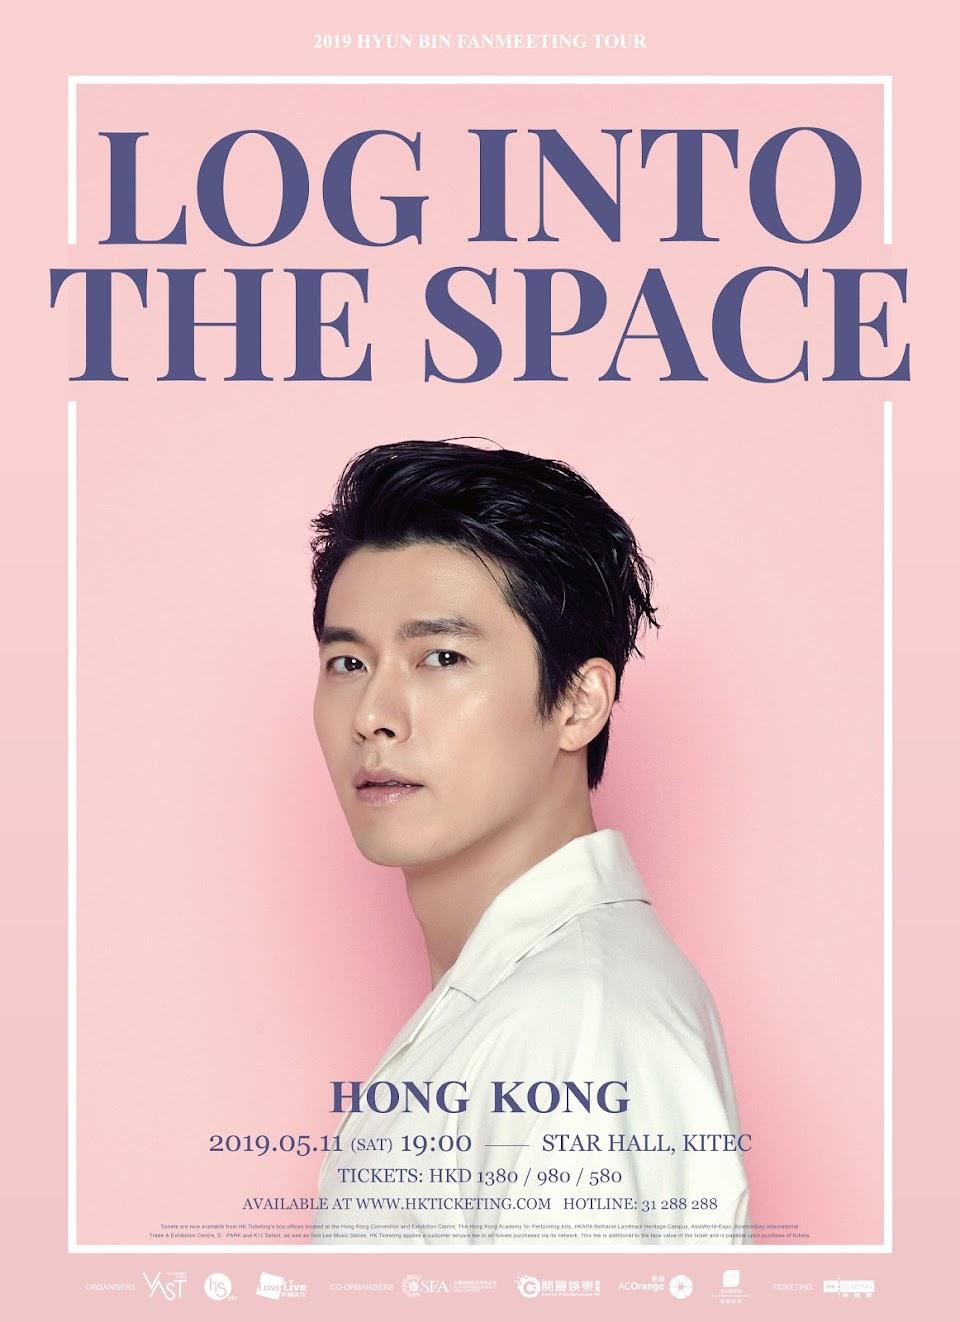 Hyun Bin Hong Kong